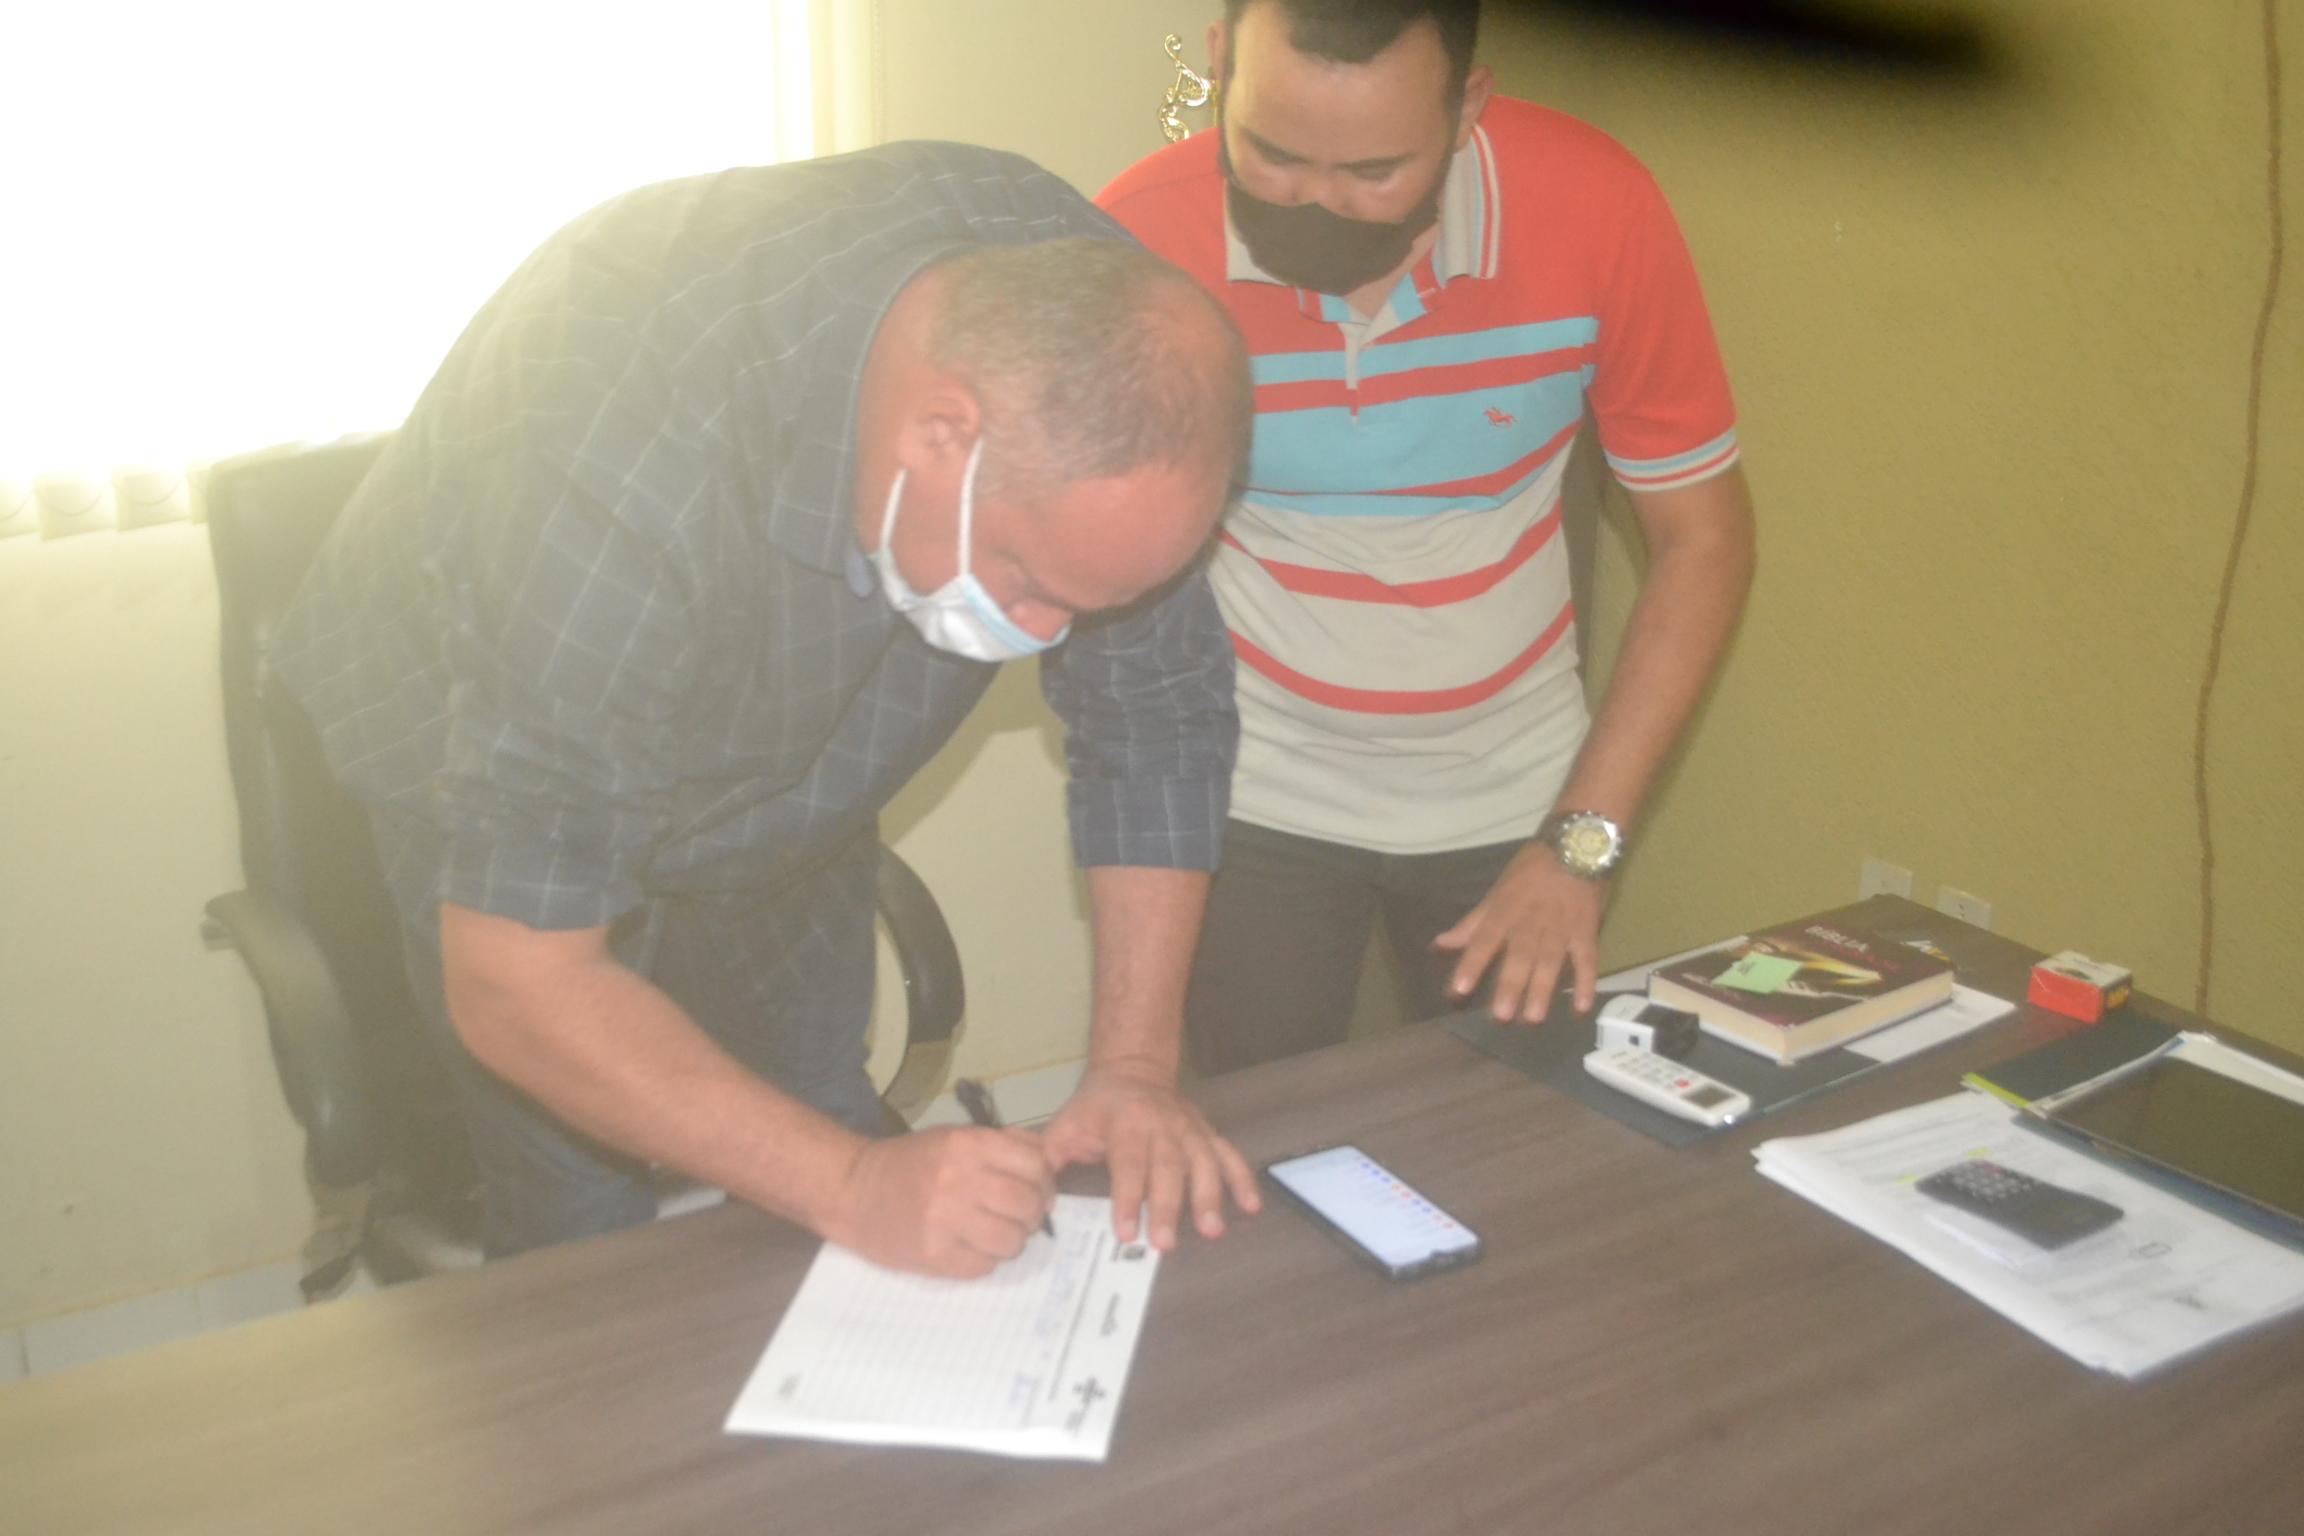 Flavão assina documento de autoria de Baracho sobre a demanda apresentada - Foto: Edsom Gilmar